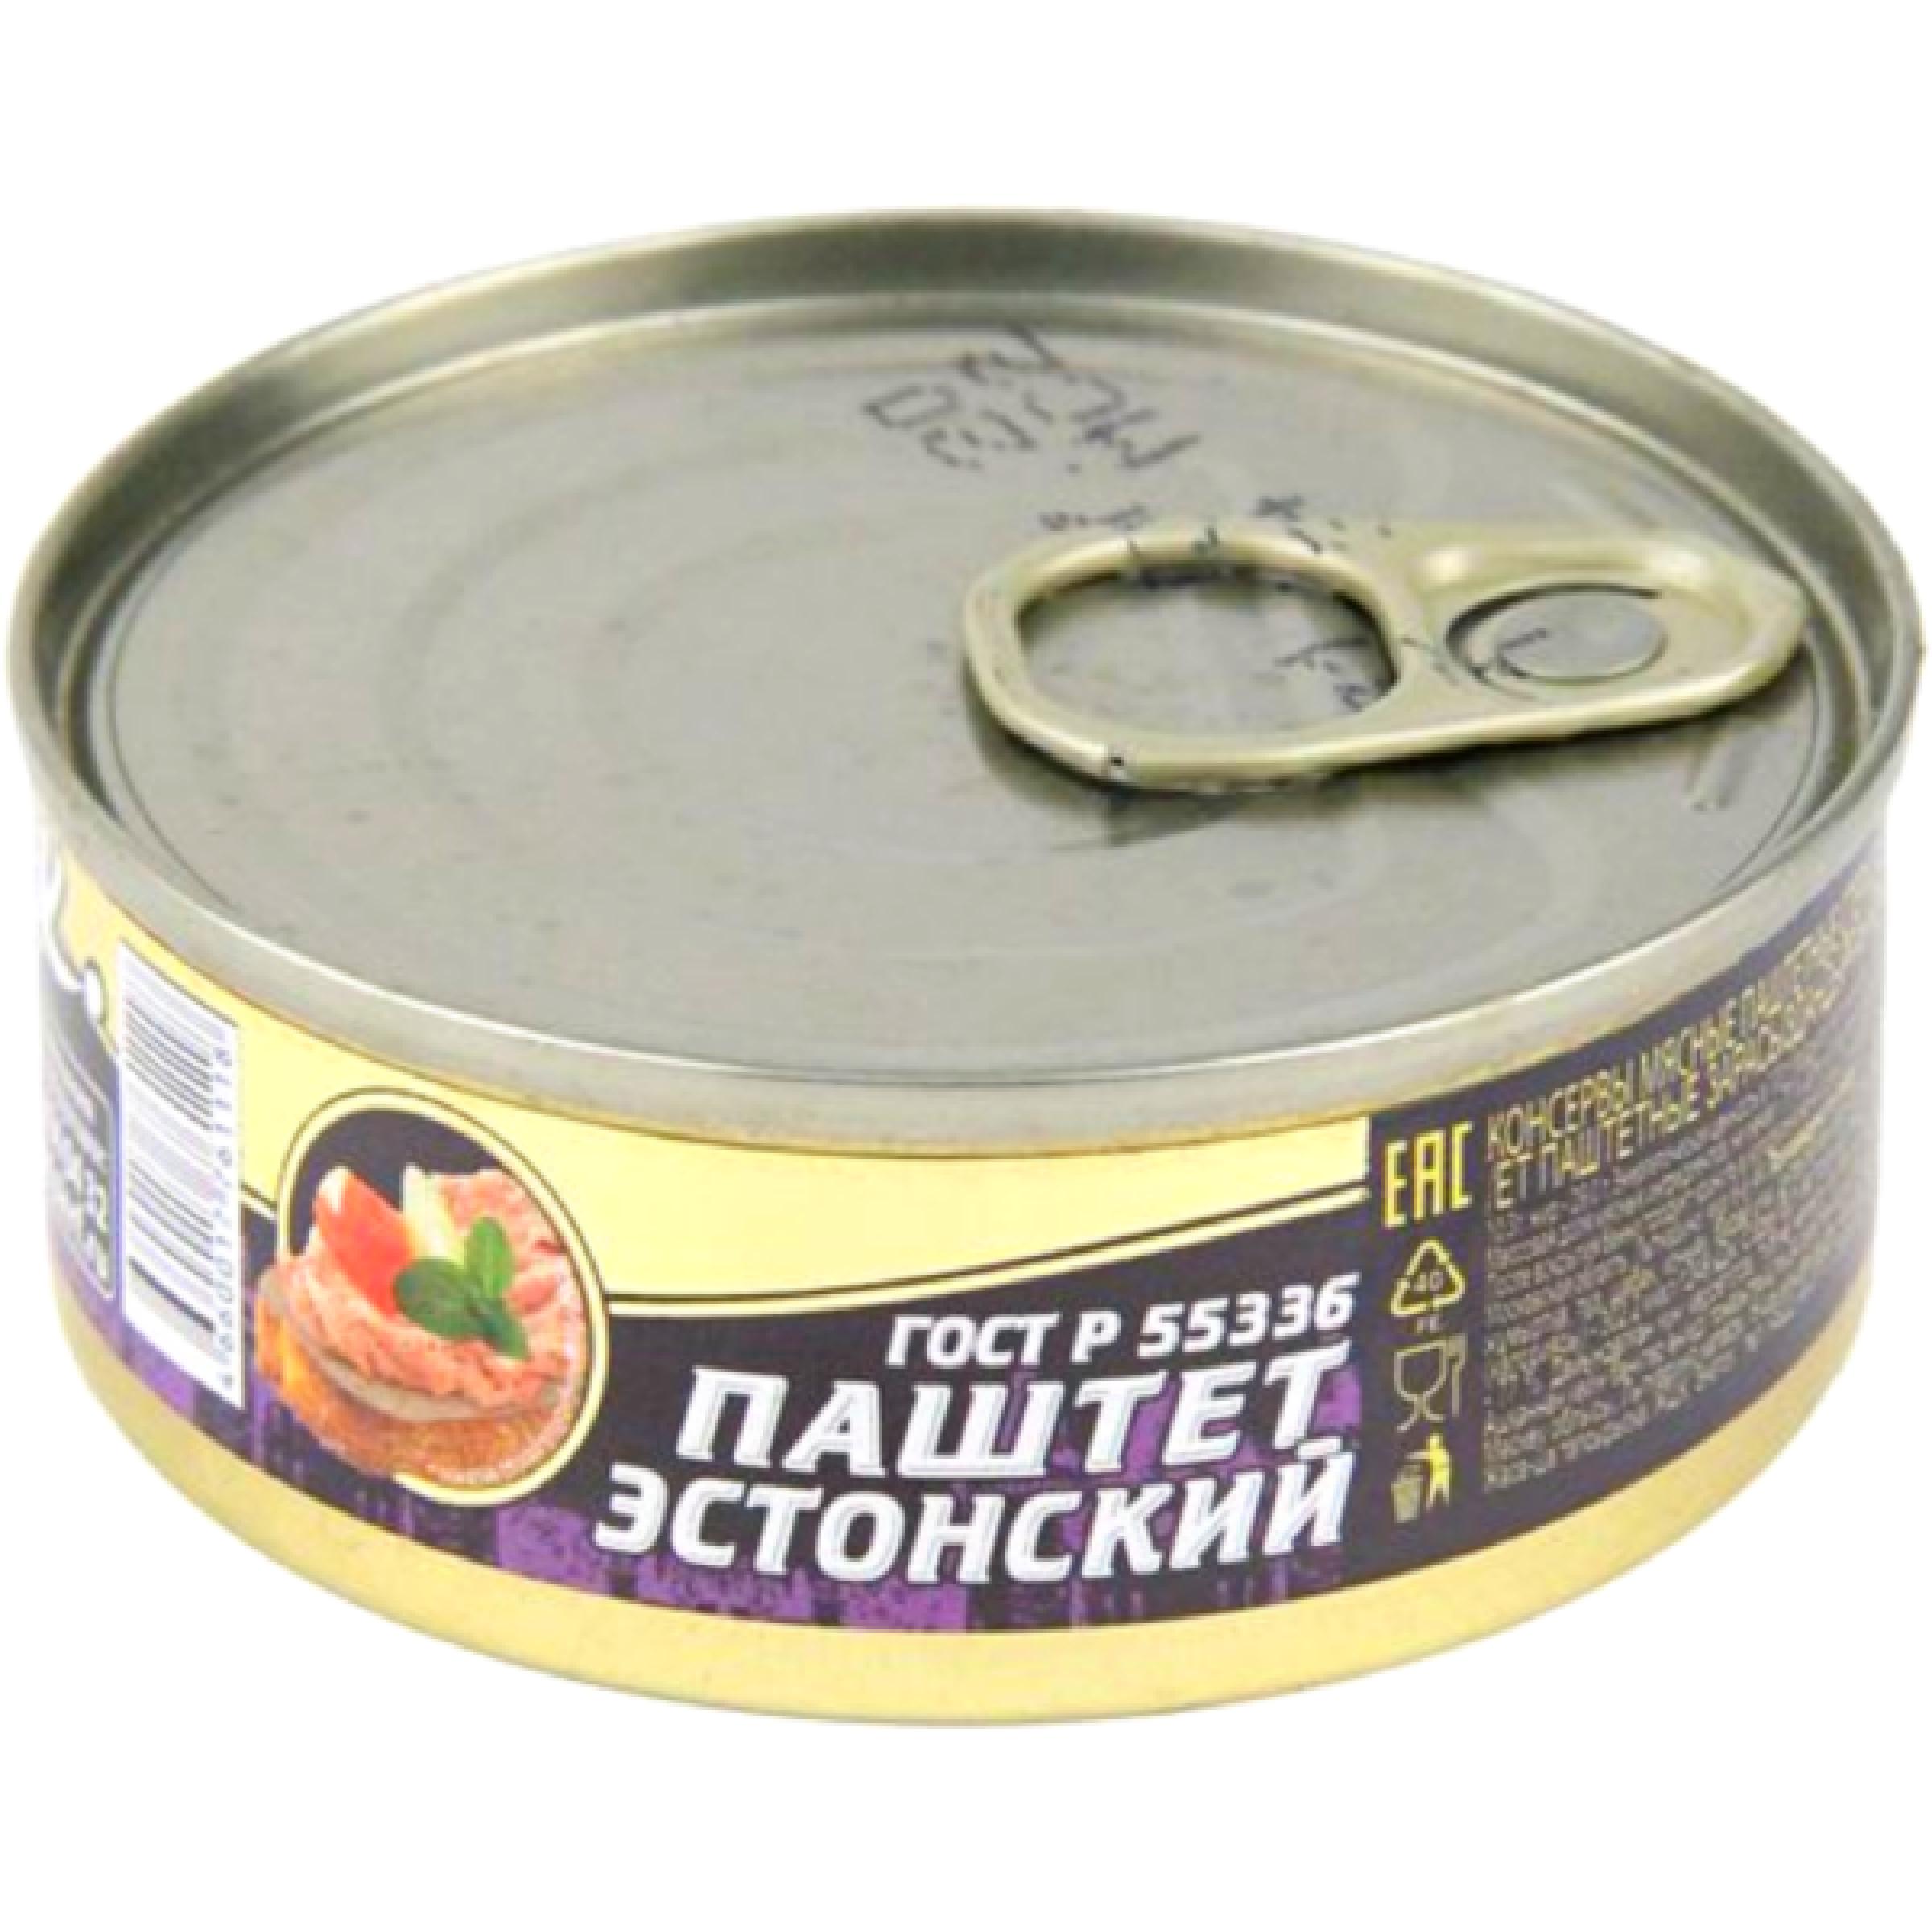 """Паштет """"Эстонский"""" ГОСТ Знаток, 100гр"""